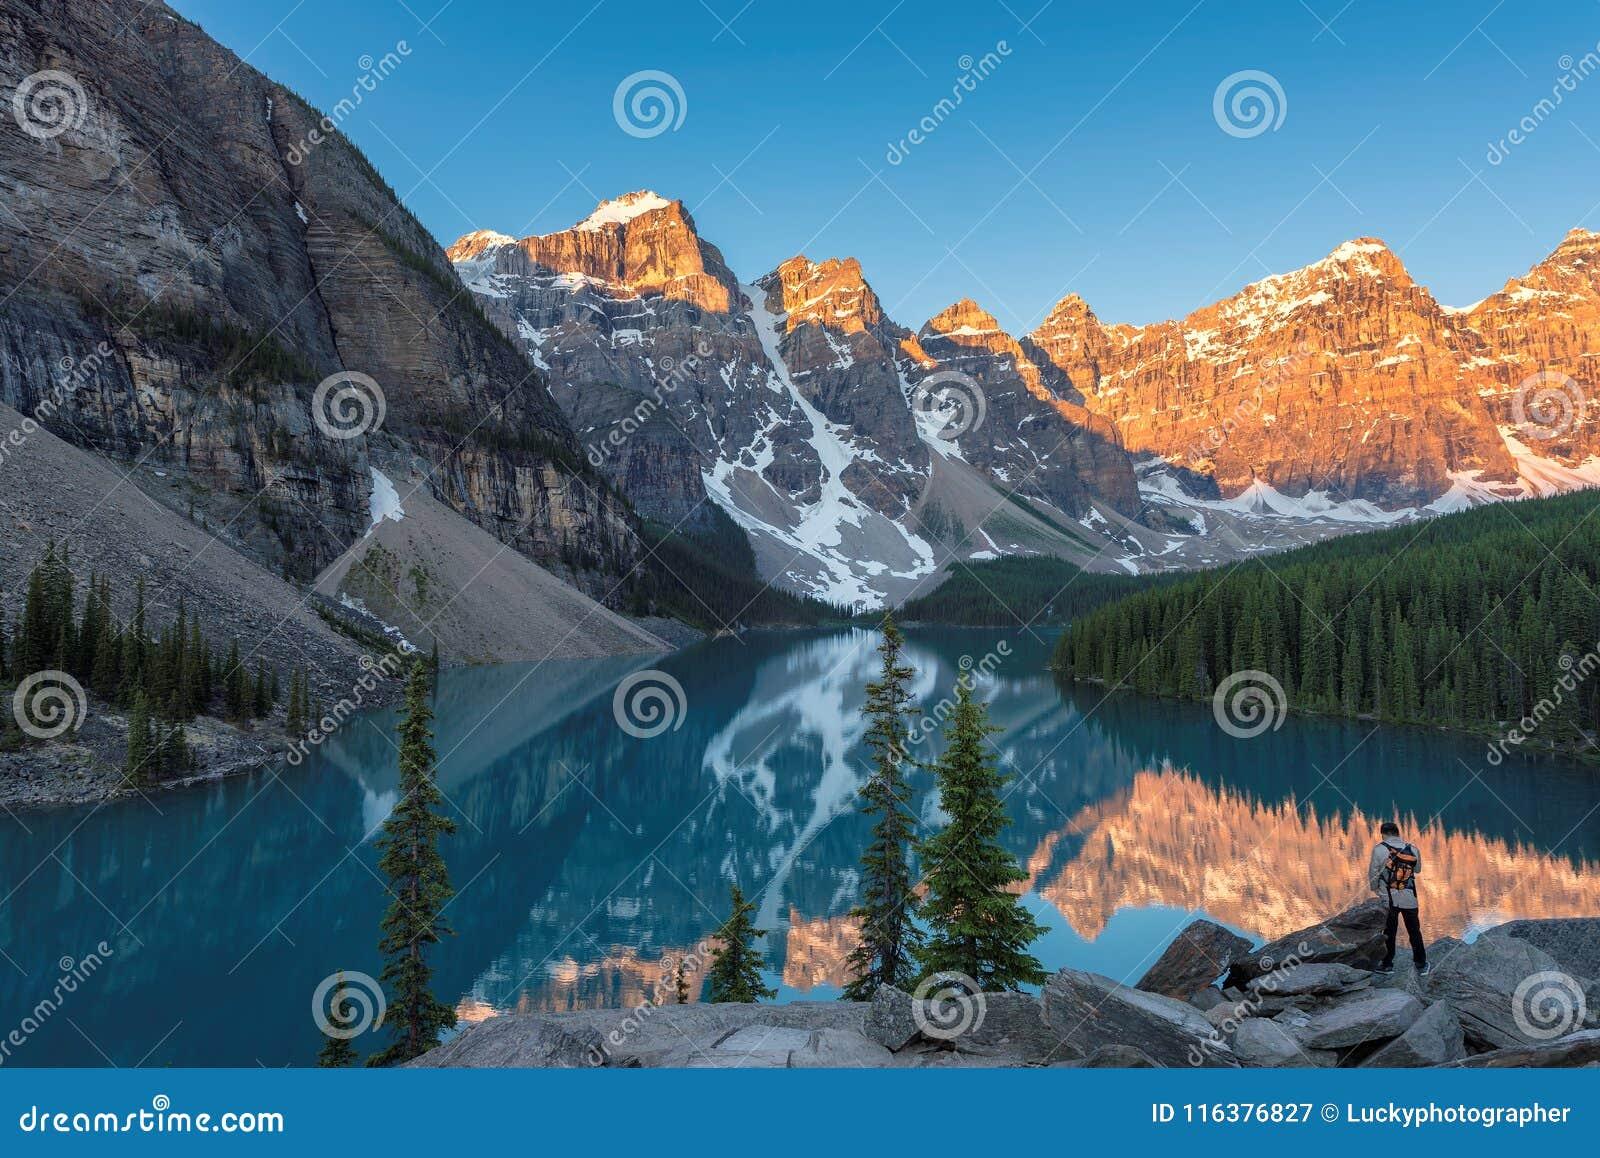 Nascer do sol no lago moraine em Canadá